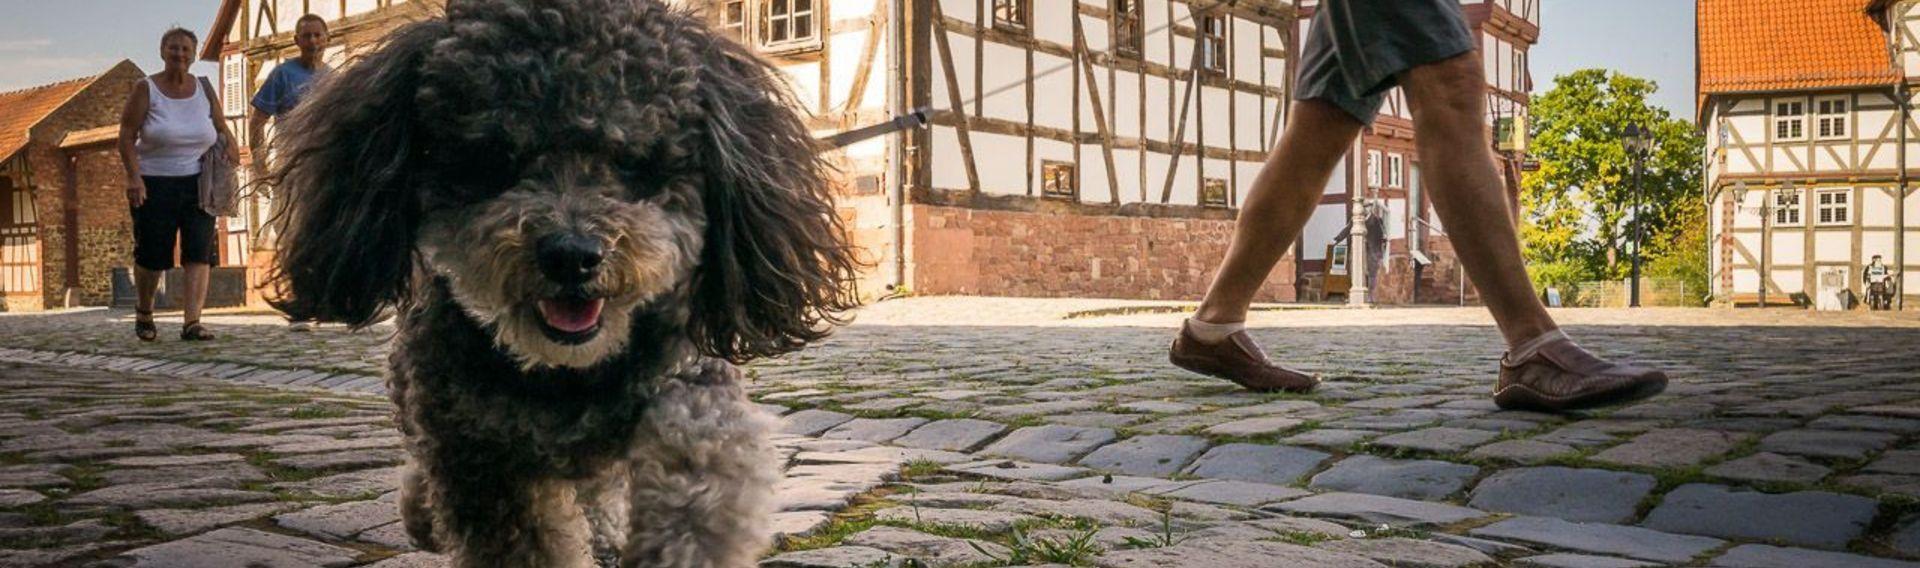 Hessenpark mit Hund in der Nähe von Frankfurt